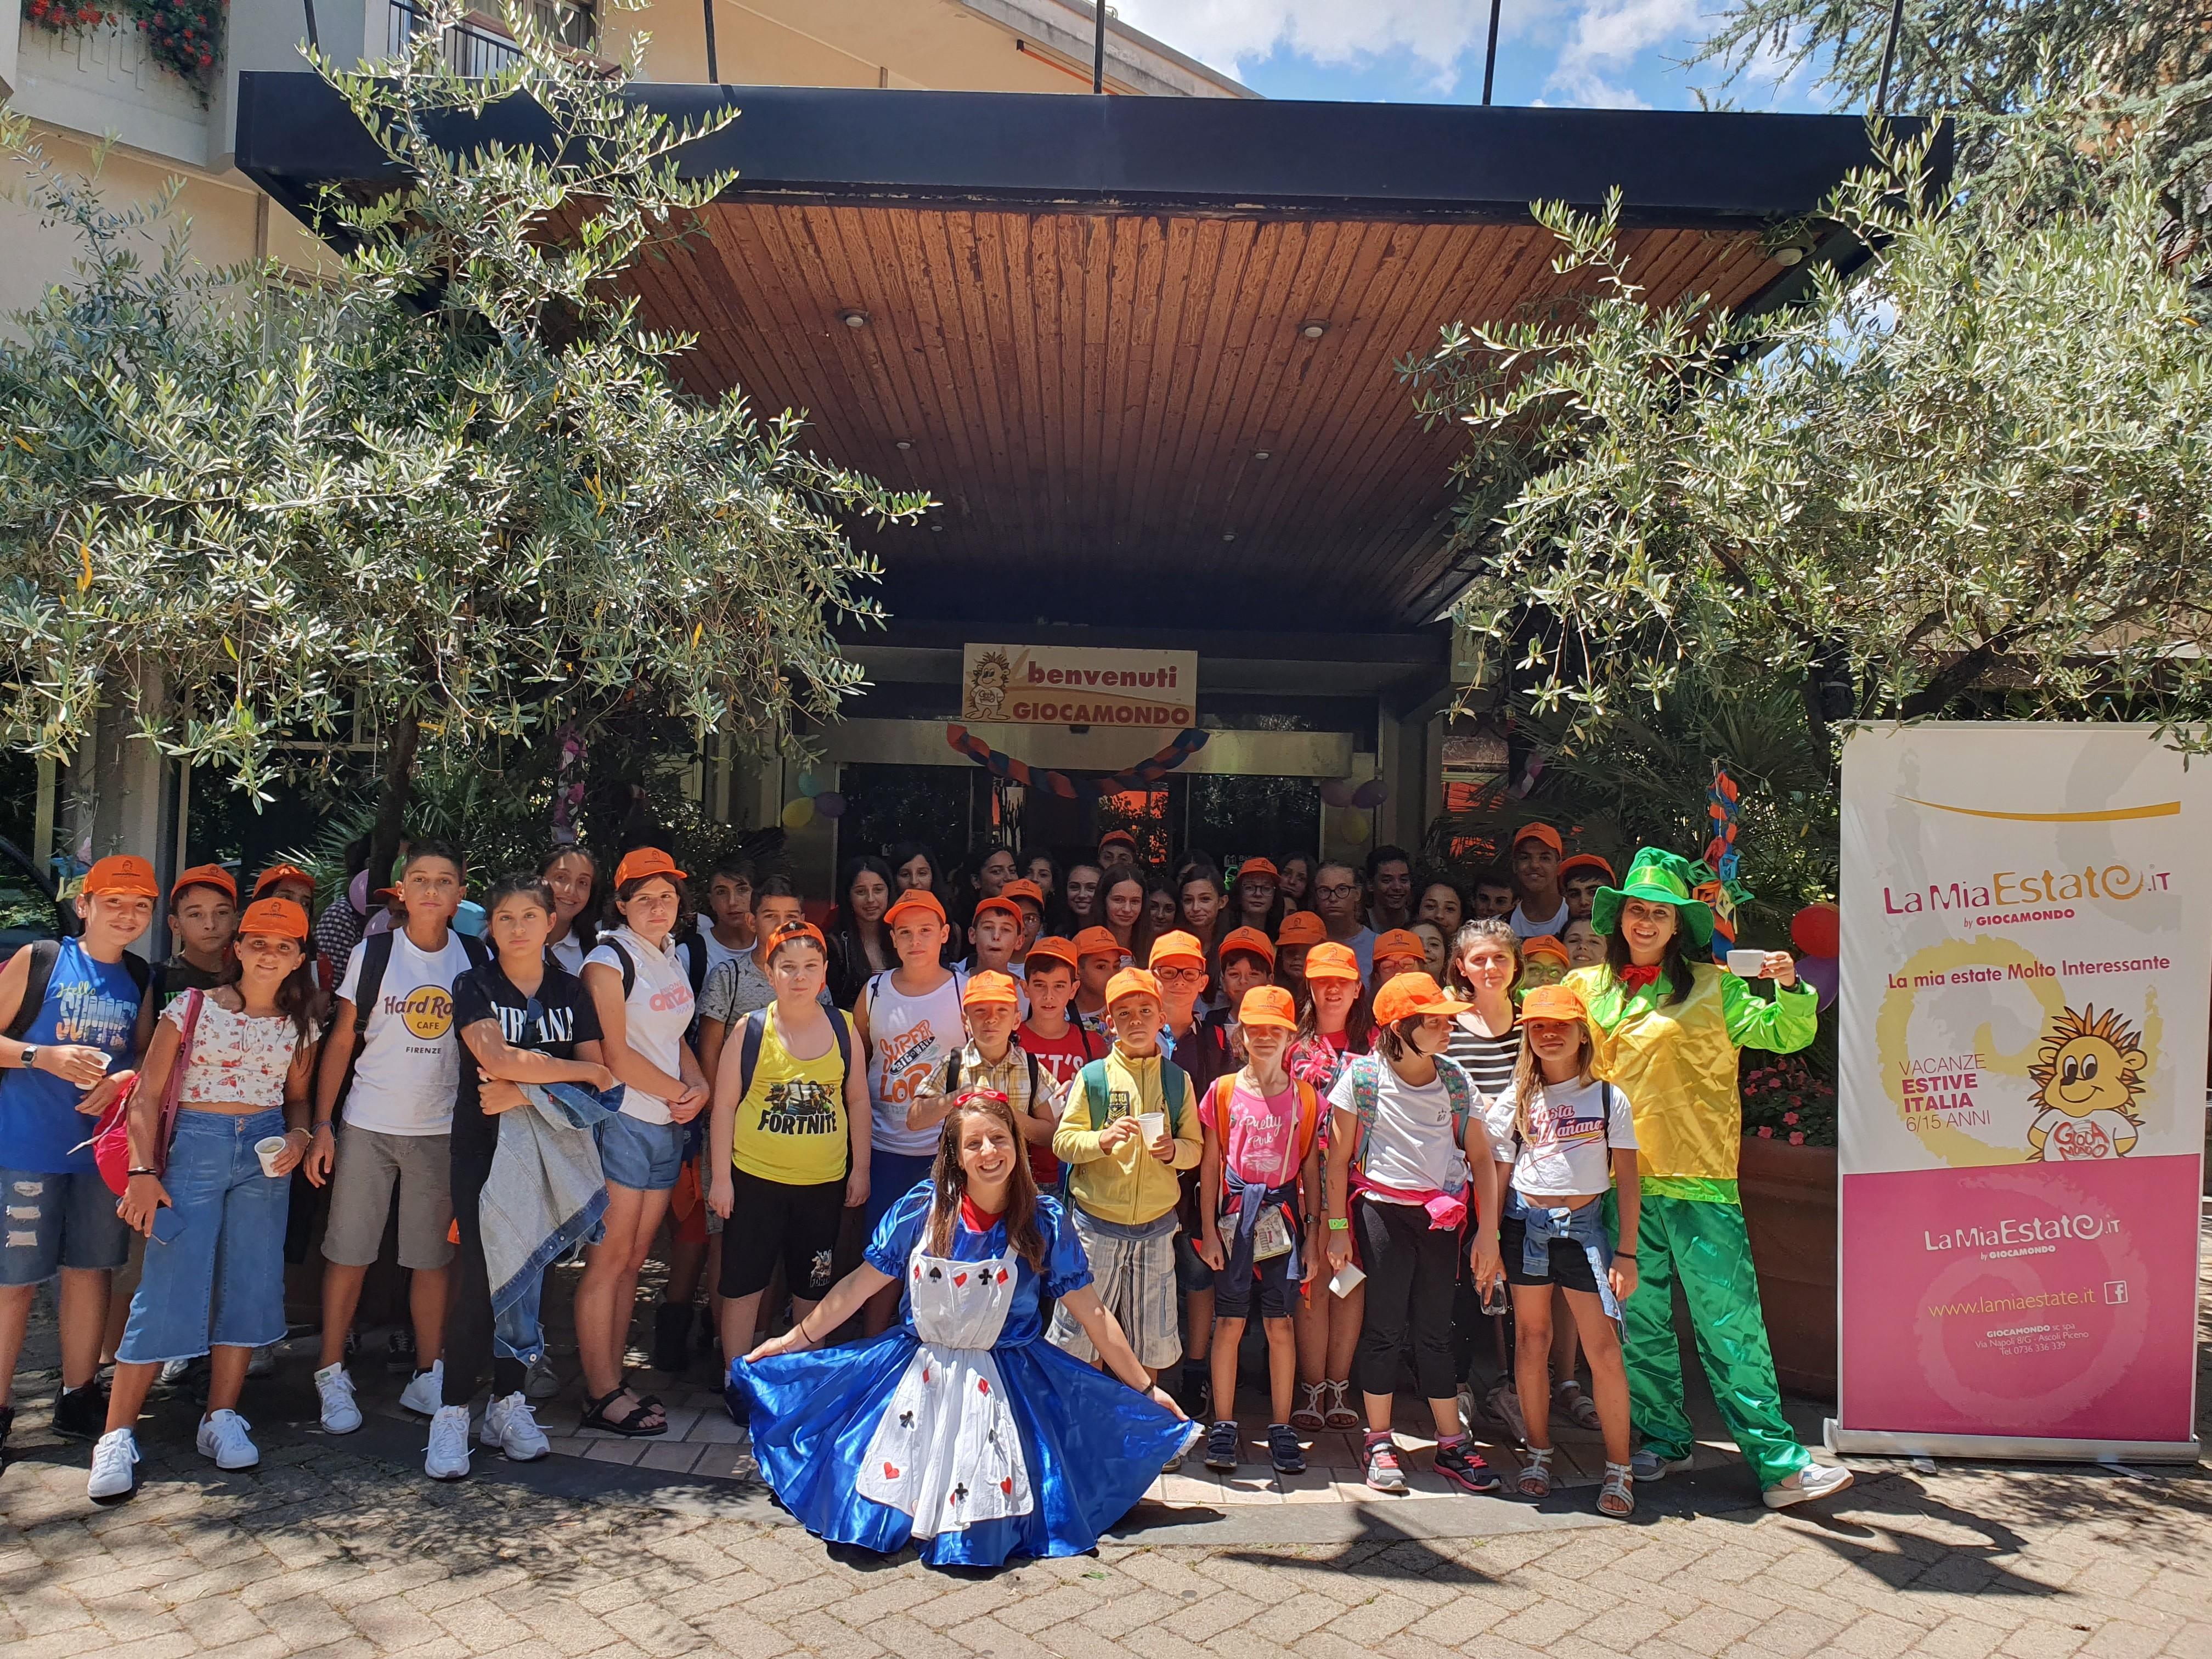 Hotel Balletti 4**** // English Camp Junior Archivi --BALLETTI-ENGLISH-CAMP-JUNIOR–-SECONDO-TURNO-–-GIORNO-15